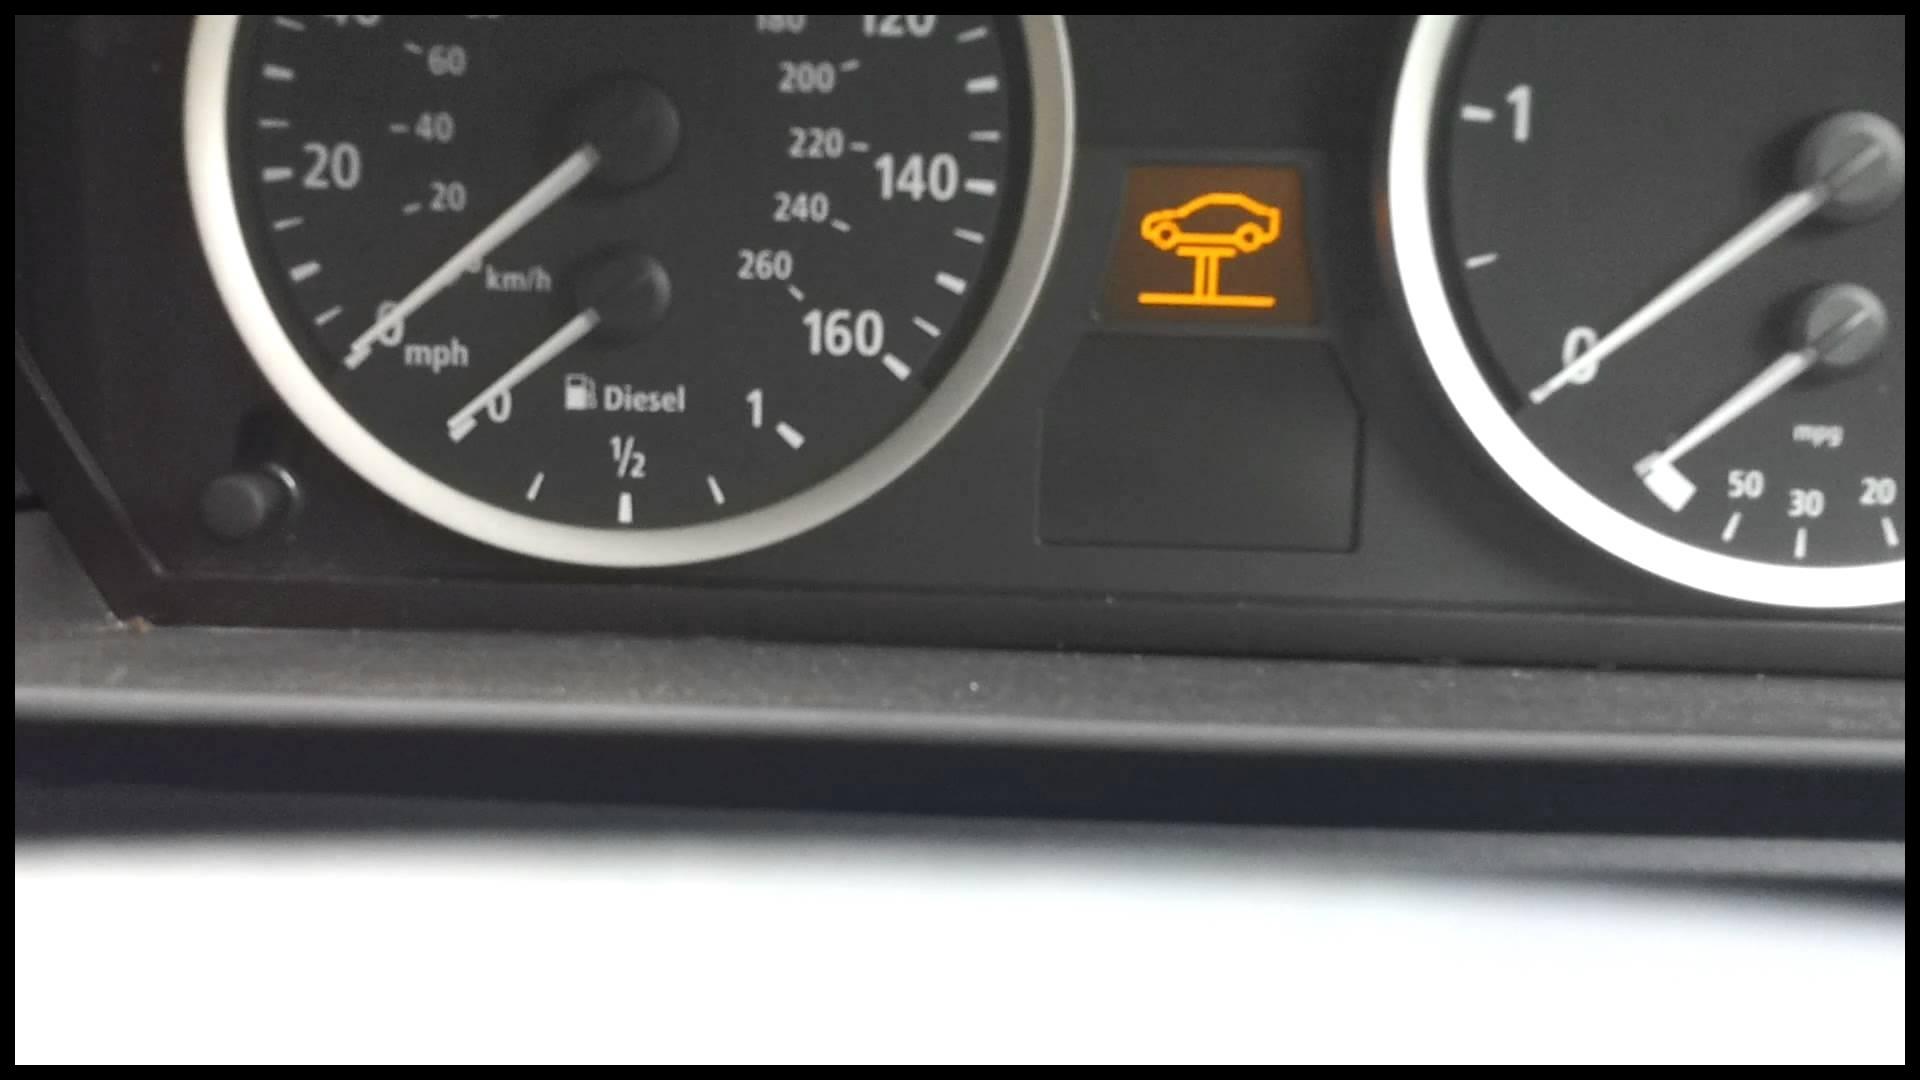 BMW 530D e60 2004 Transmission Fault i inne błędy pojawiające się przed pr³bą rozruchu silnika